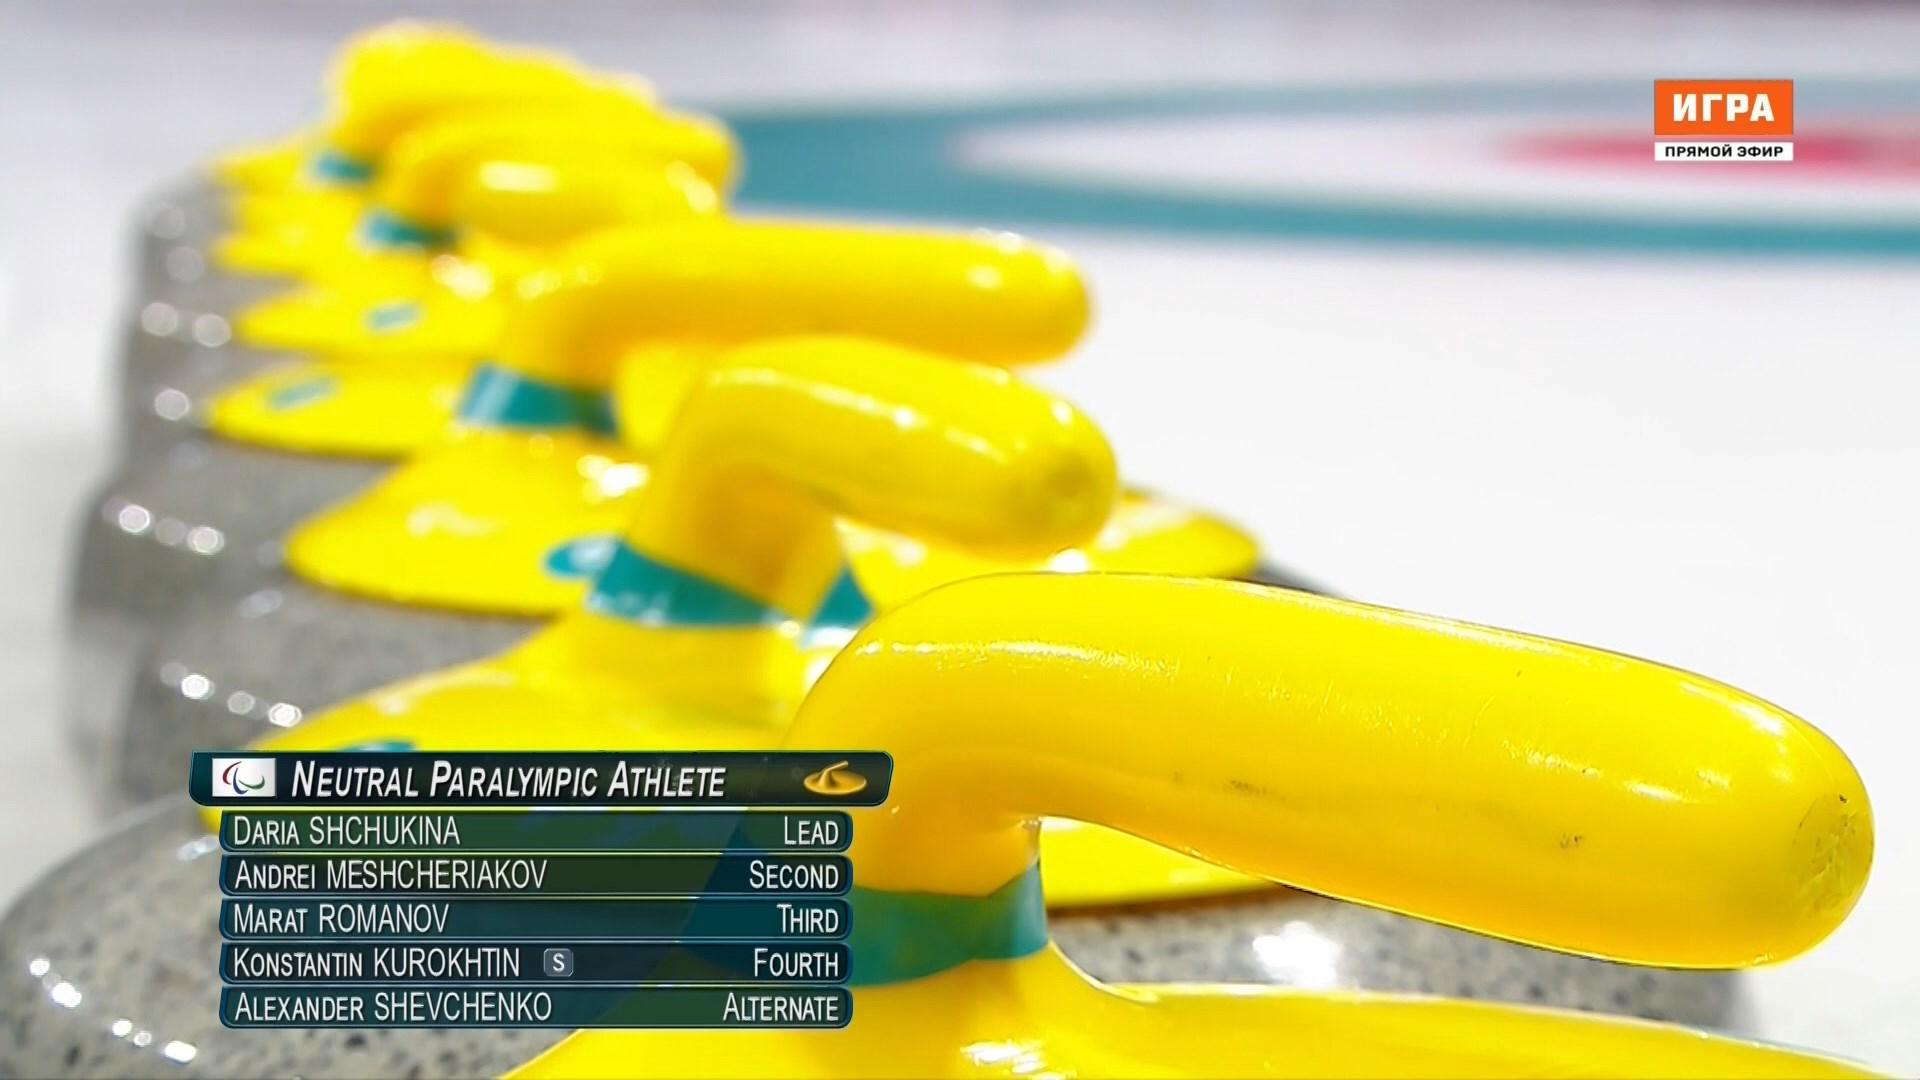 Изображение для XII Зимние Паралимпийские игры 2018 в Пхёнчане / Кёрлинг. Мужчины. Россия - Германия (2018) HDTV 1080i (кликните для просмотра полного изображения)